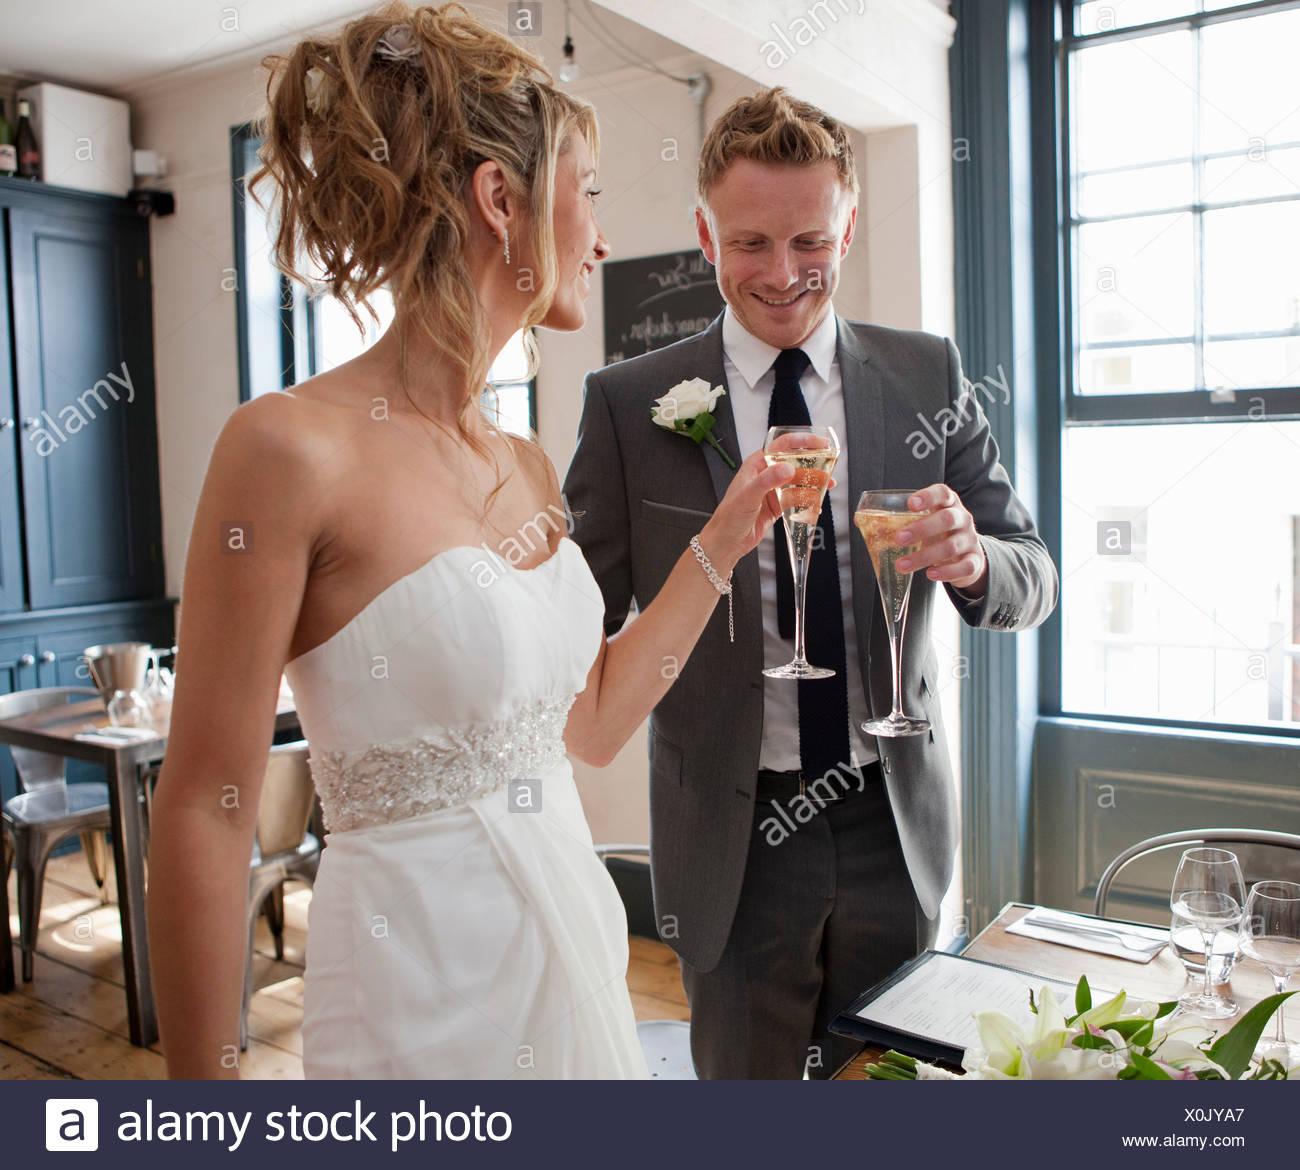 Sposa e lo sposo la tostatura con champagne alla cerimonia di nozze Immagini Stock